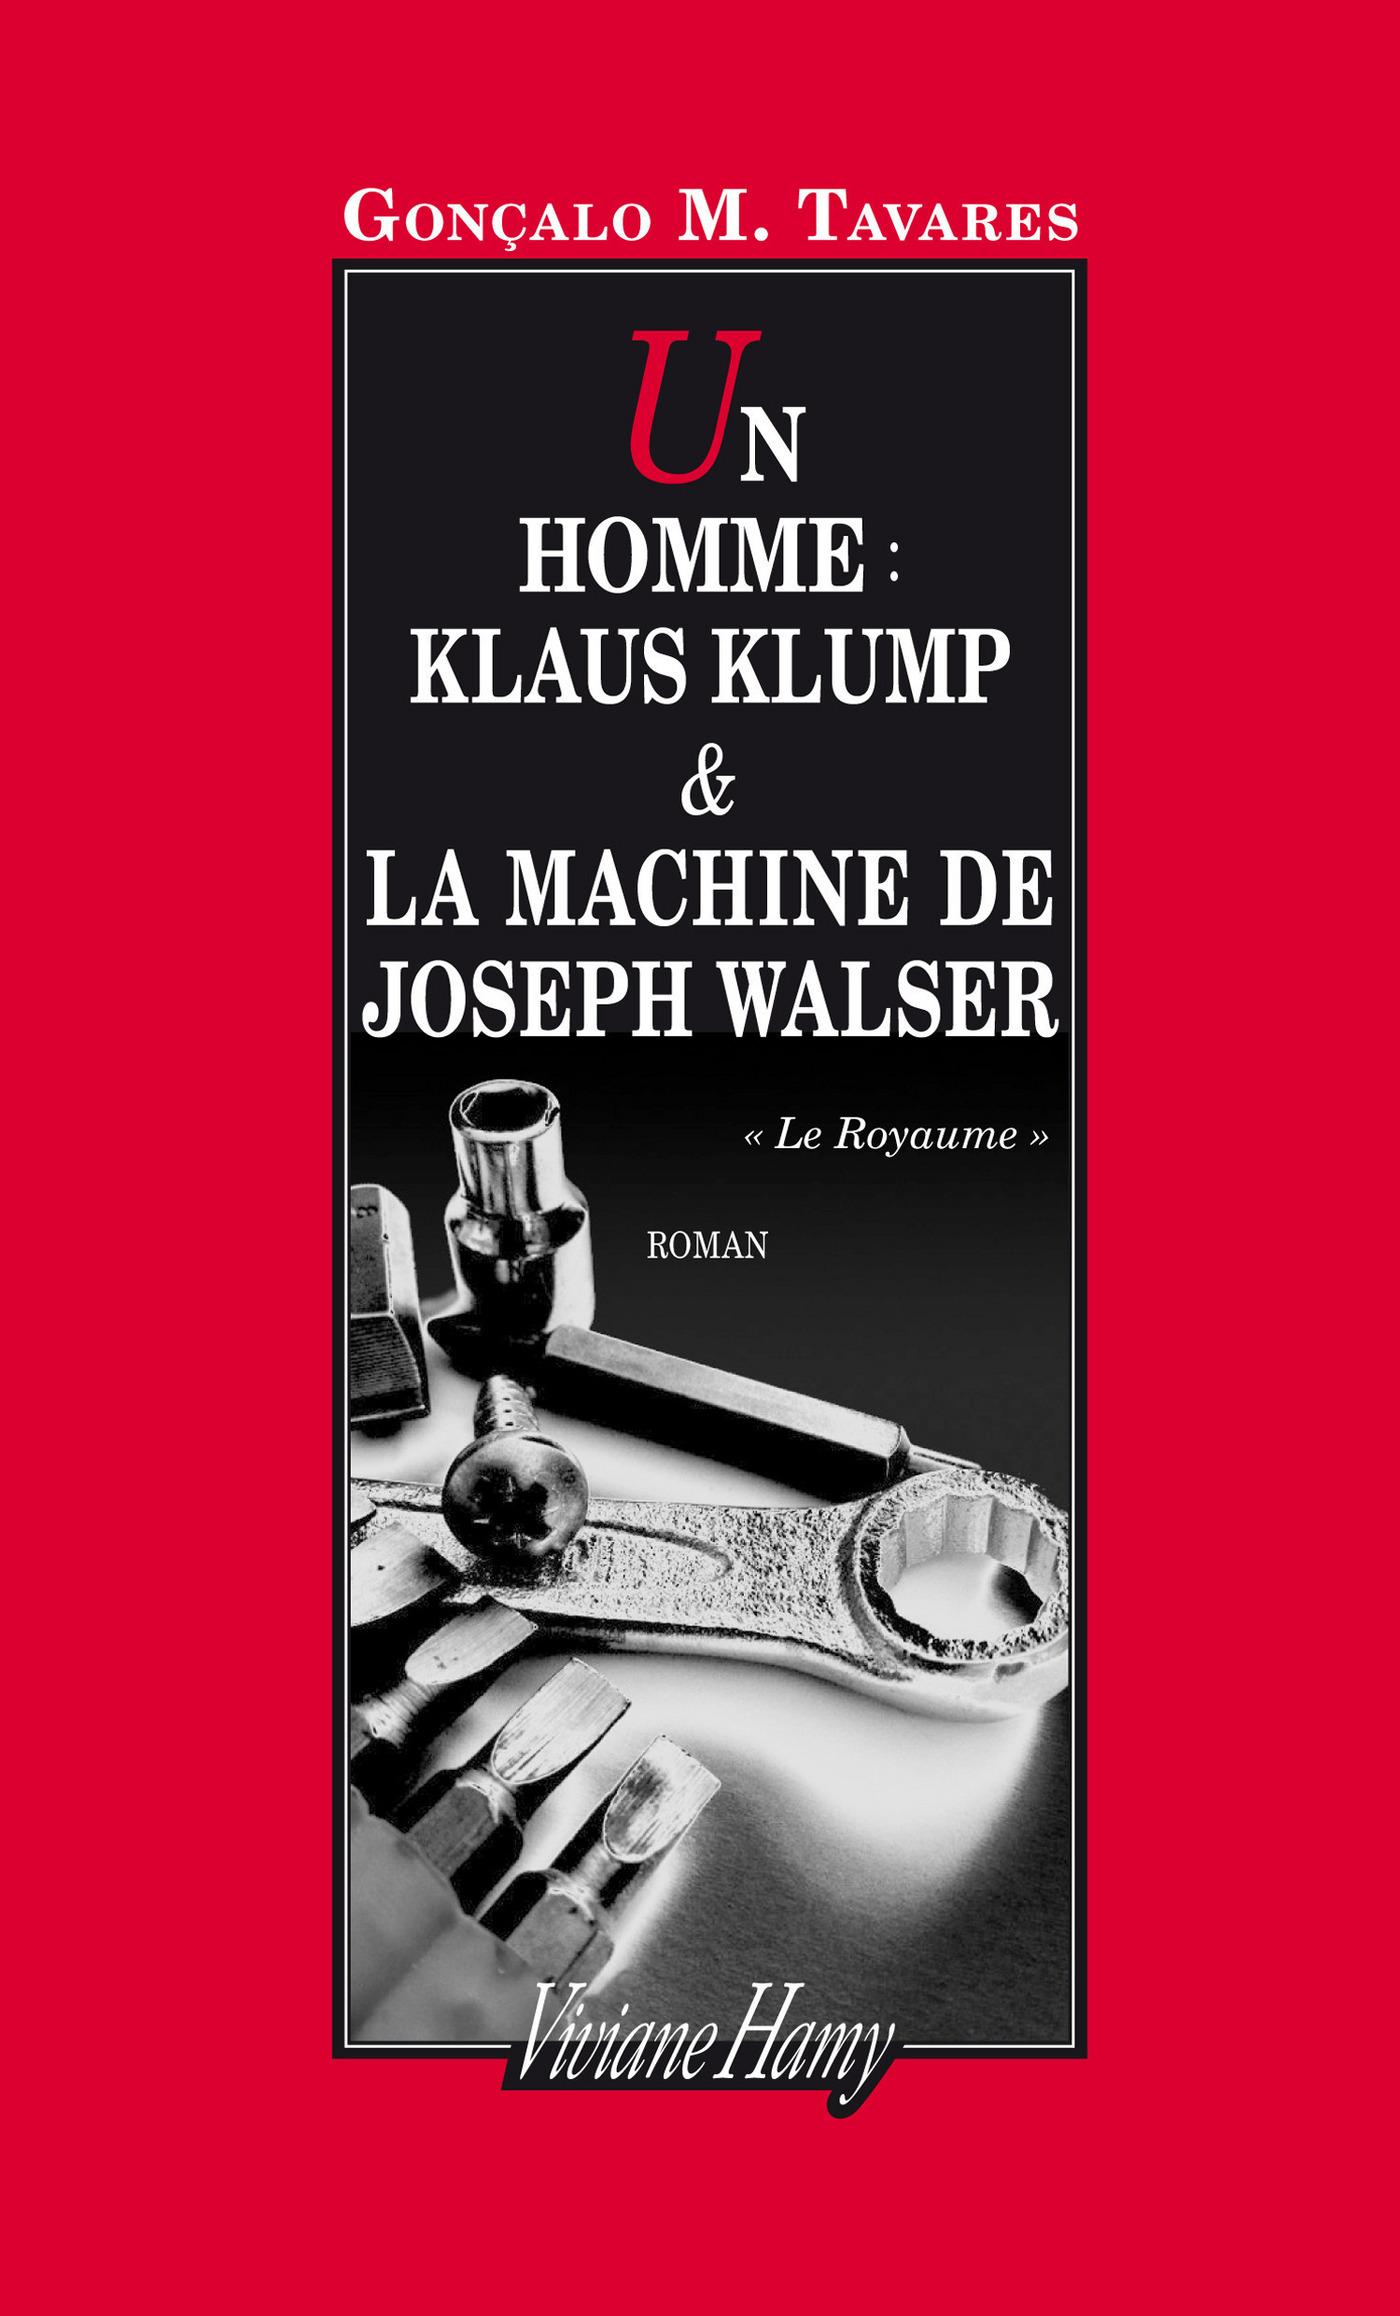 Un homme : Klaus Klump - La machine de Joseph Walser | Tavares, Gonçalo M.